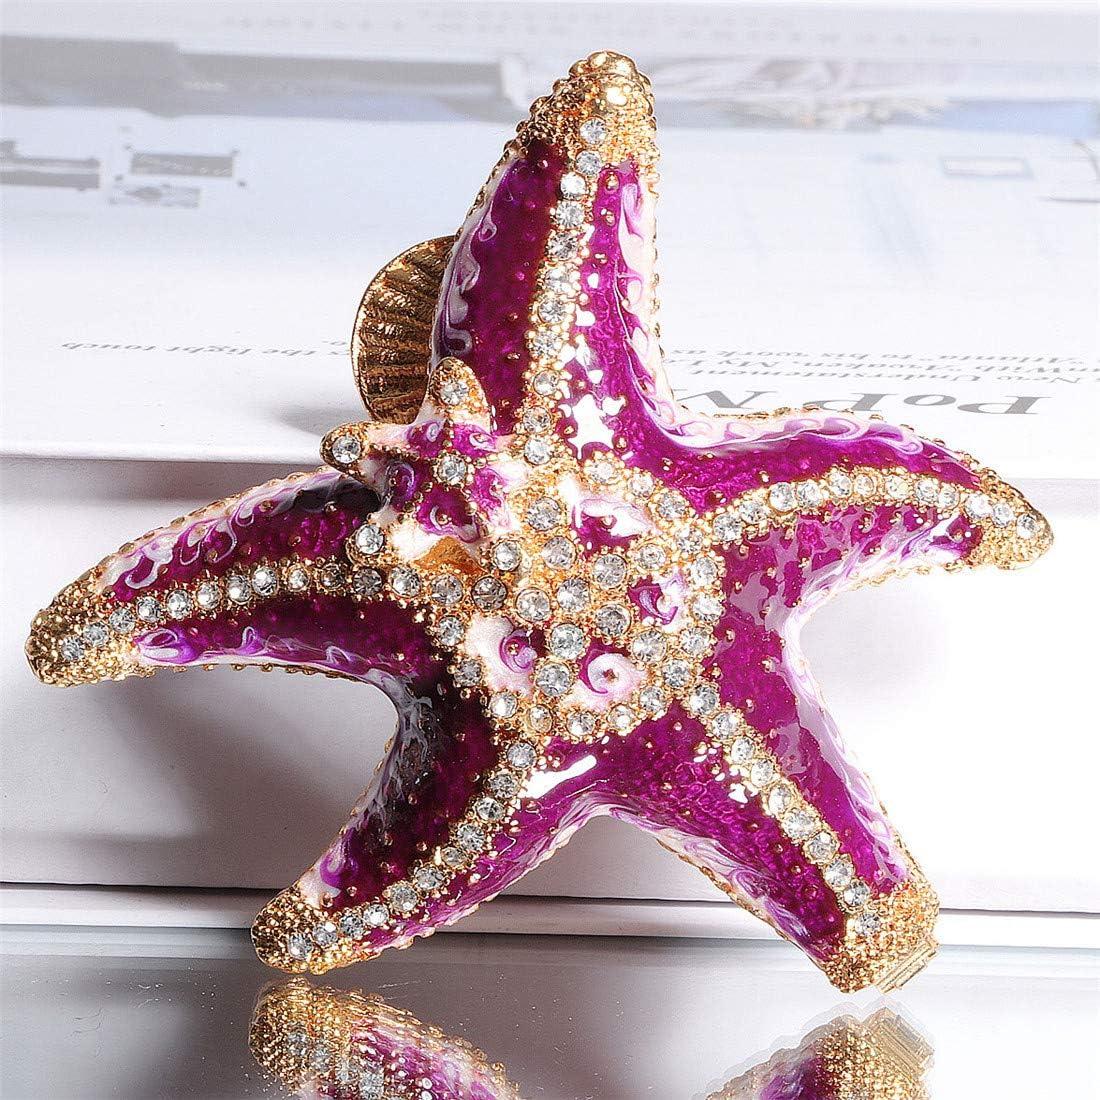 Waltz&F Joyero con diseño de estrella de mar de diamante morado con bisagras, pintado a mano, para coleccionar anillos